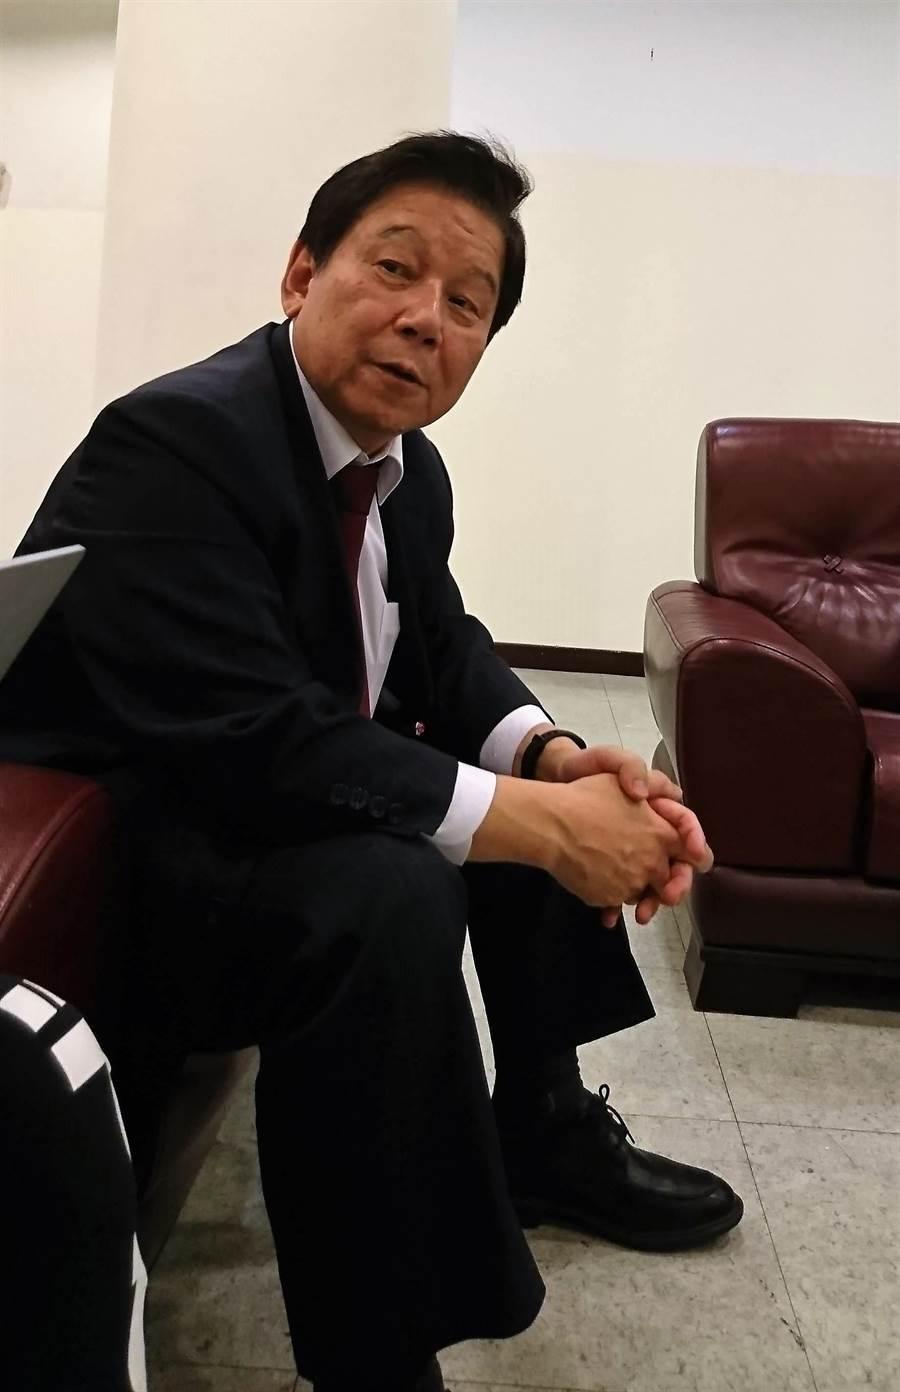 國票金控董事長魏啟林表示,國票金和日本樂天銀行、樂天信用卡公司結盟申請純網銀,是「100%金融隊」!(陳碧芬攝)